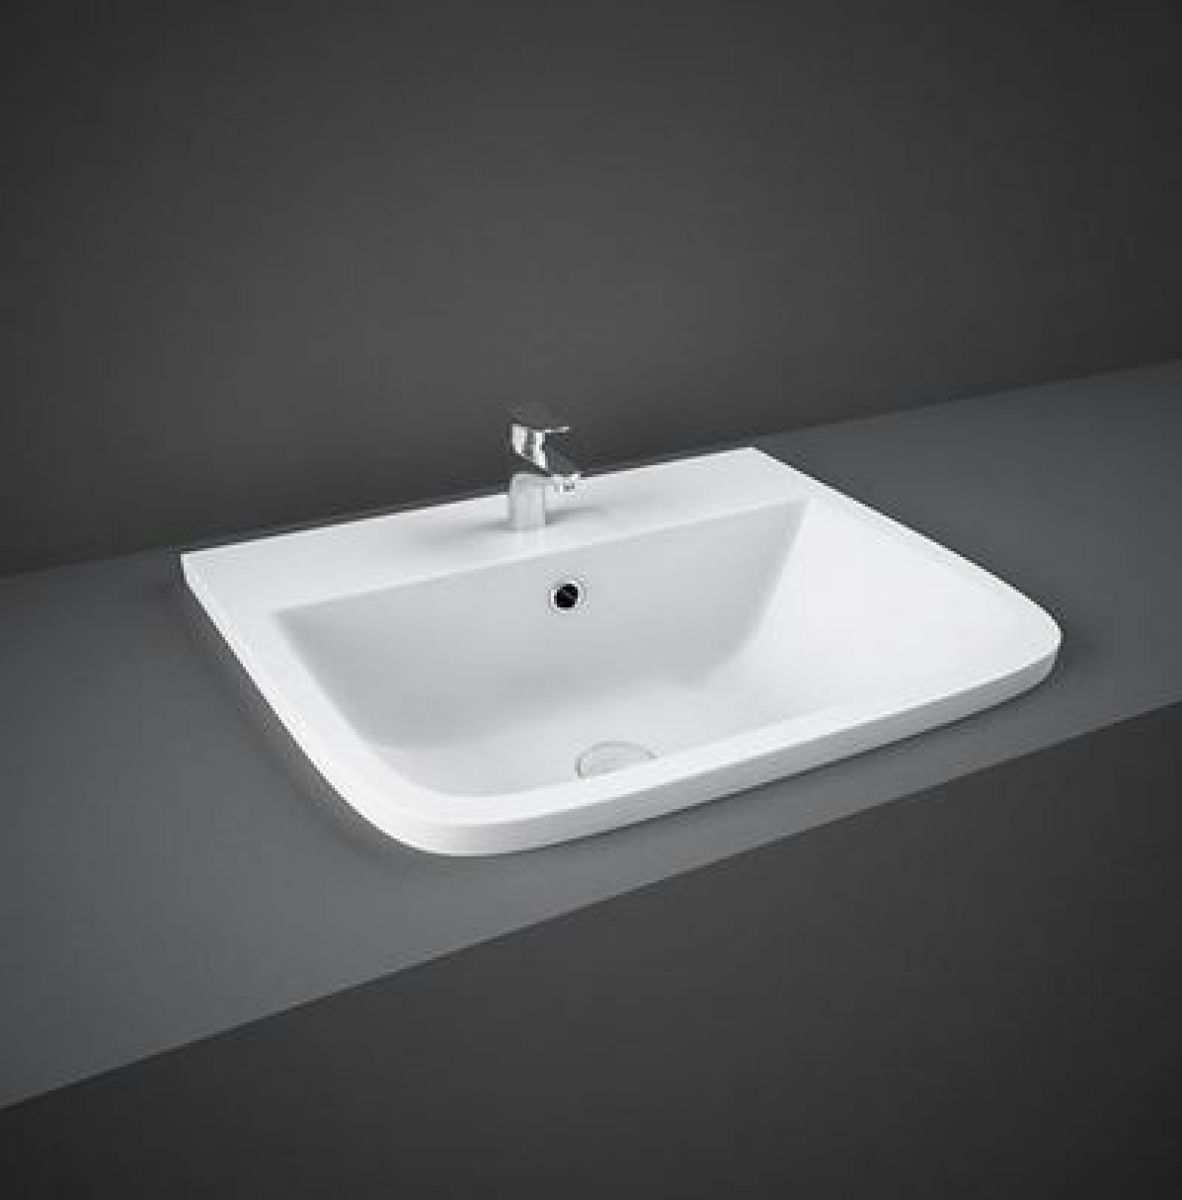 RAK Series 600 Inset Vanity Basin